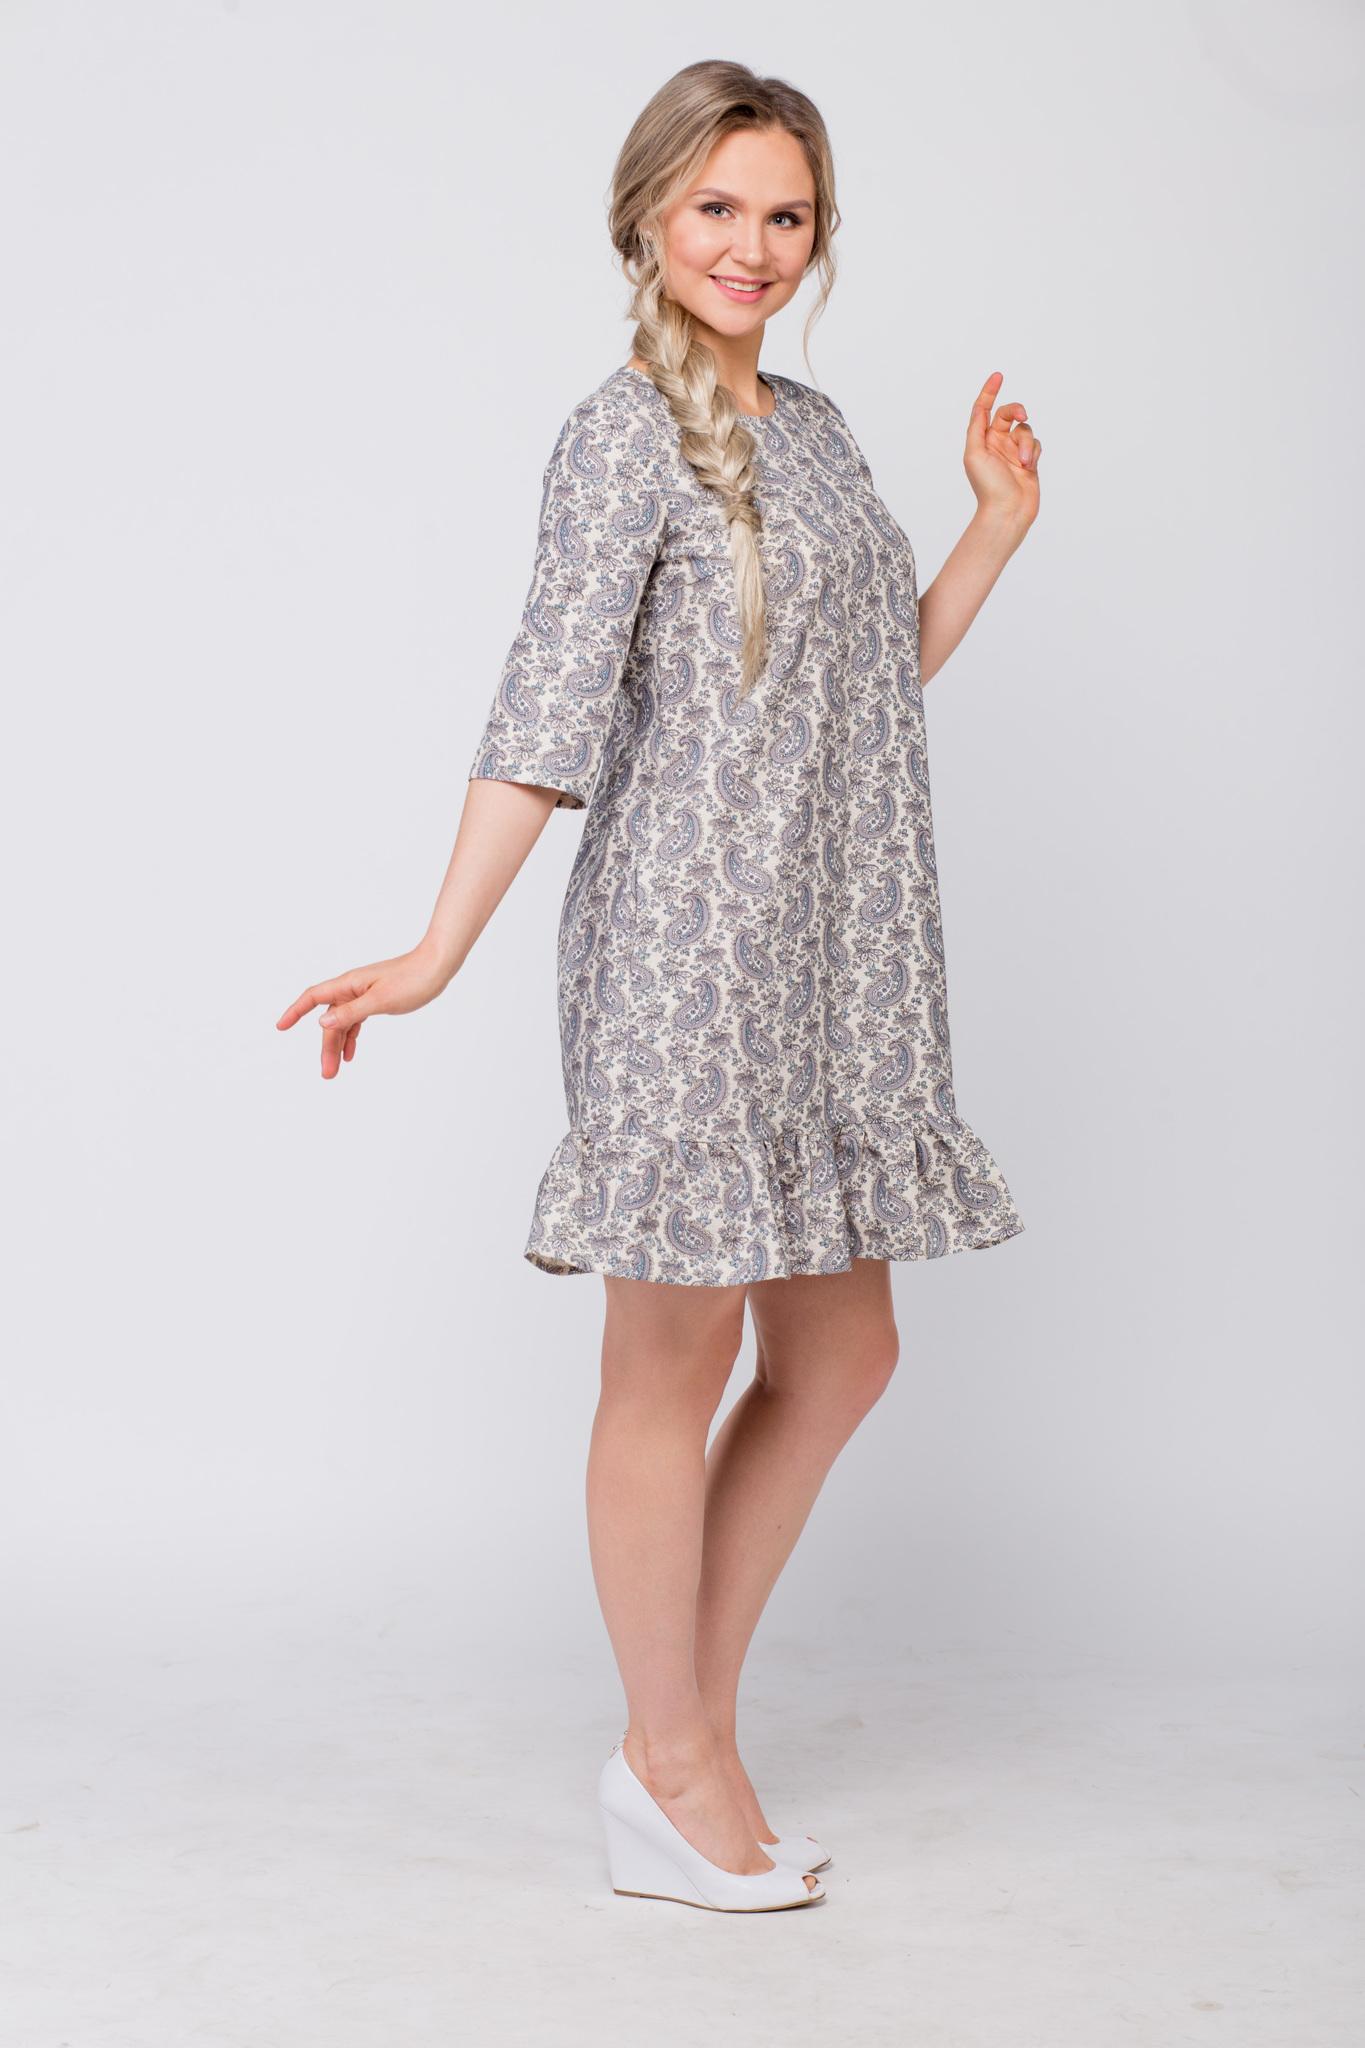 Платье льняное Огурцы купить вид сбоку